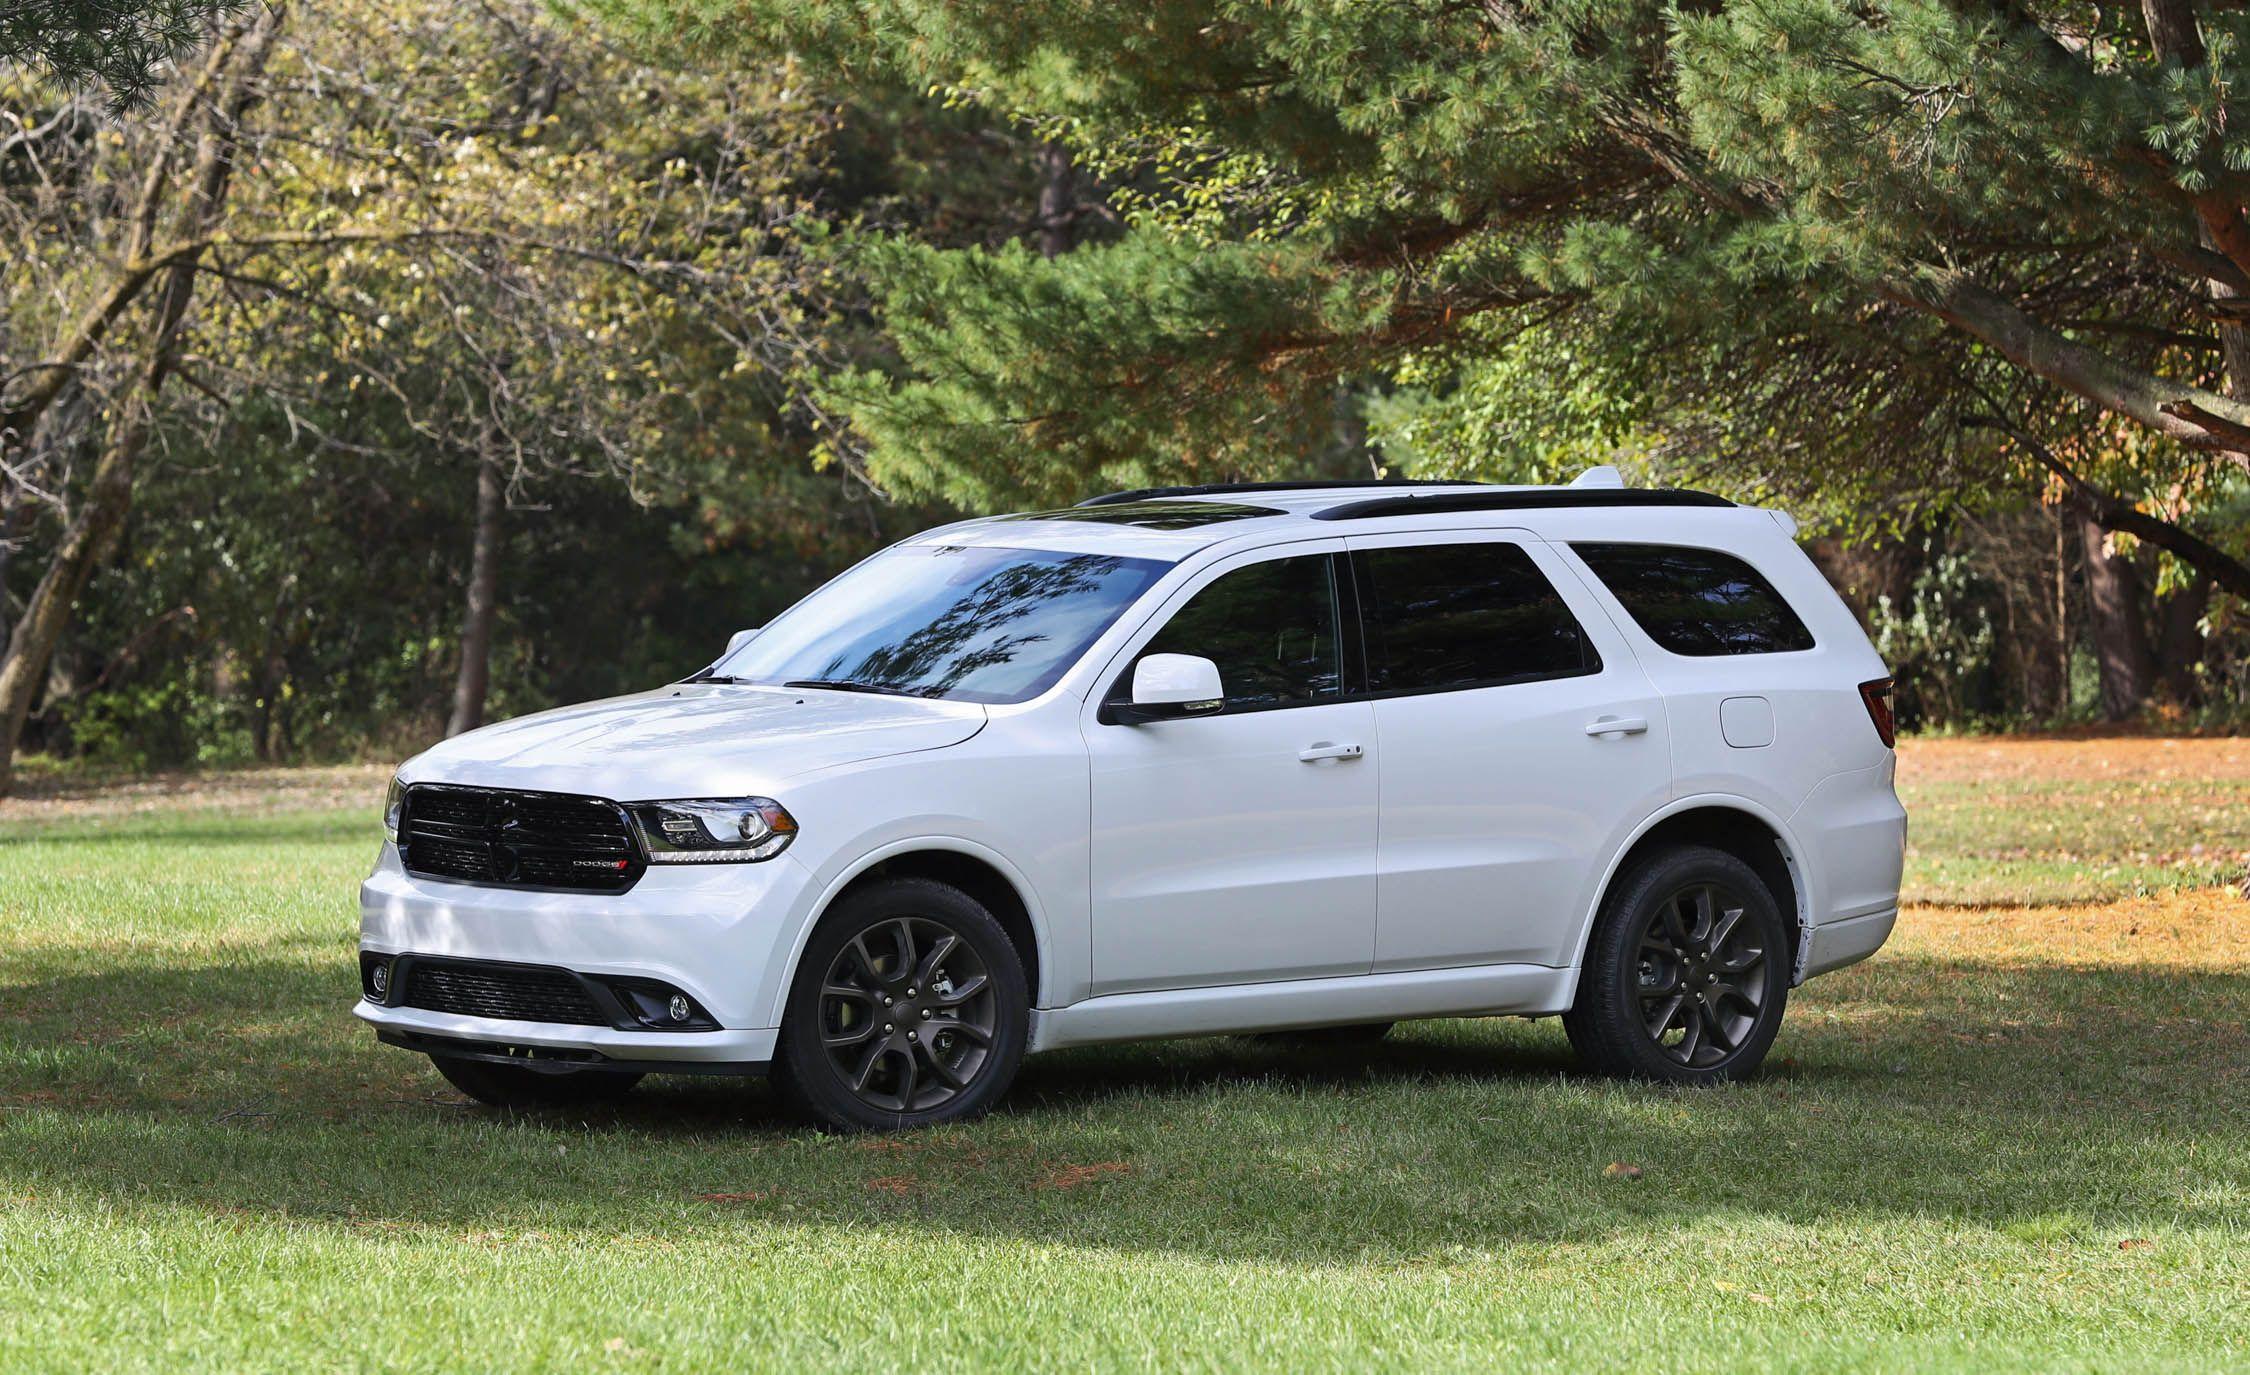 2018 Dodge Durango SRT Test Review